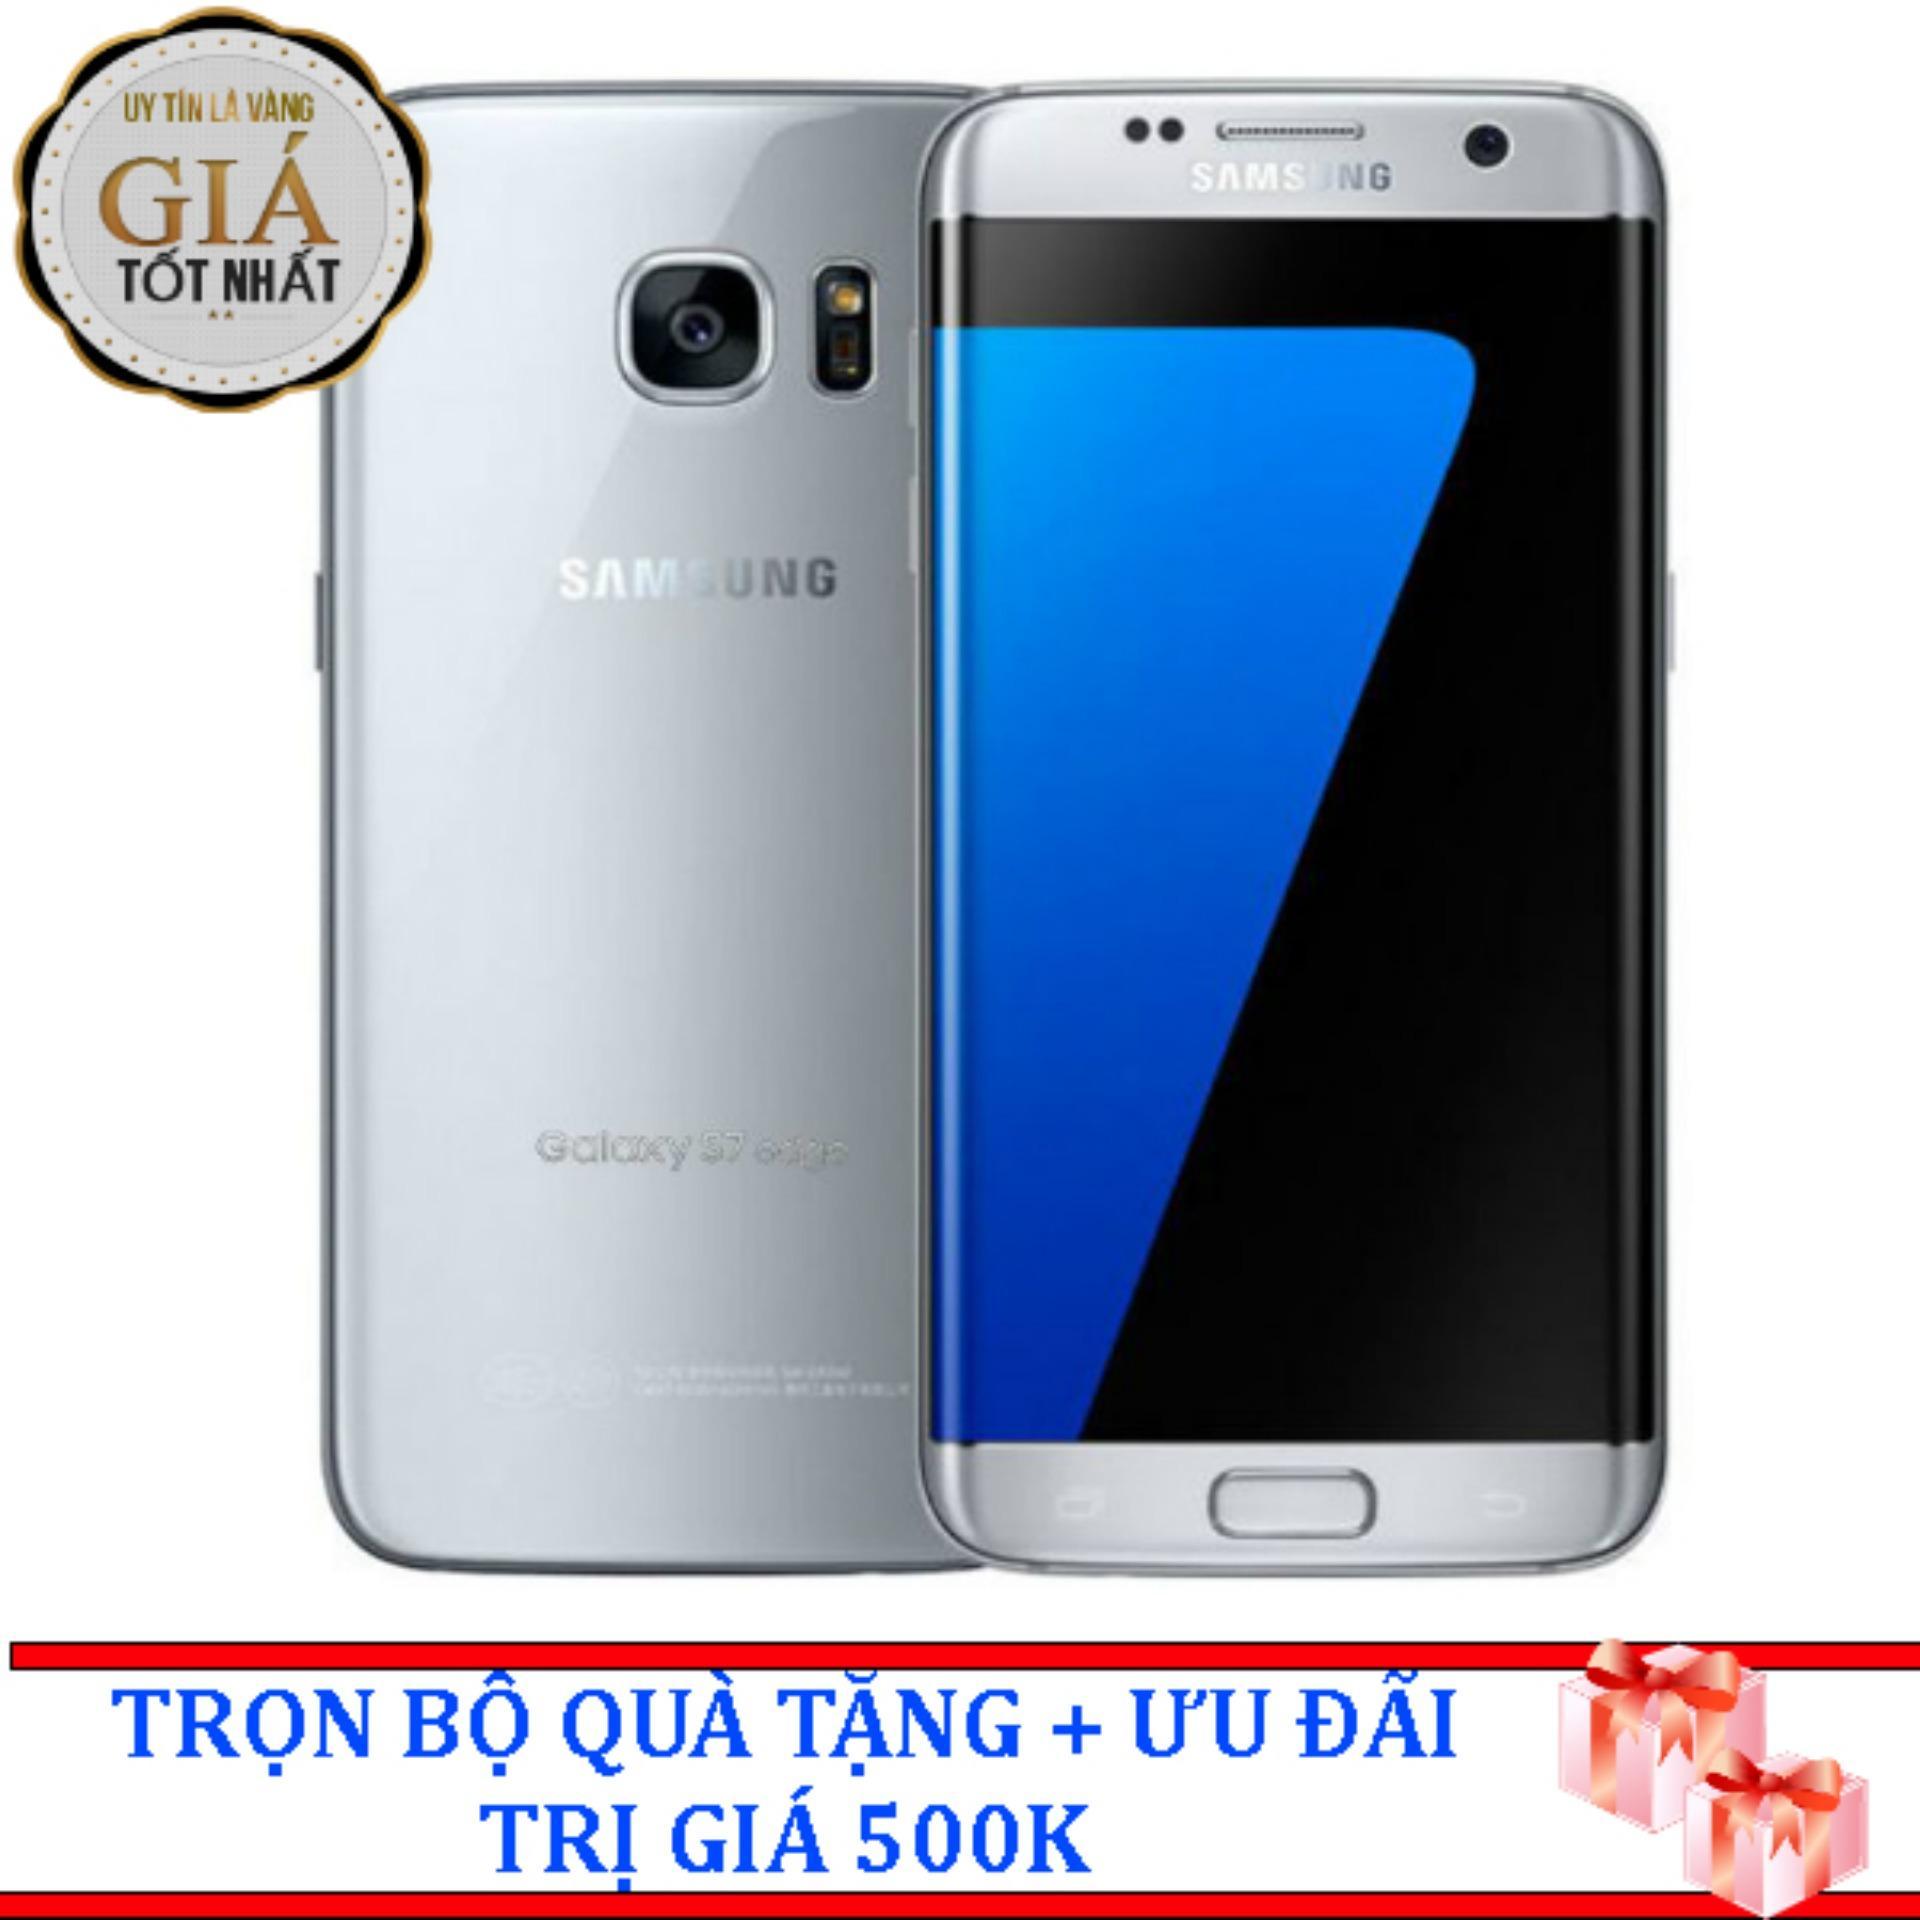 Bán Samsung Galaxy S7 Edge 32Gb Bạc Hang Nhập Khẩu Samsung